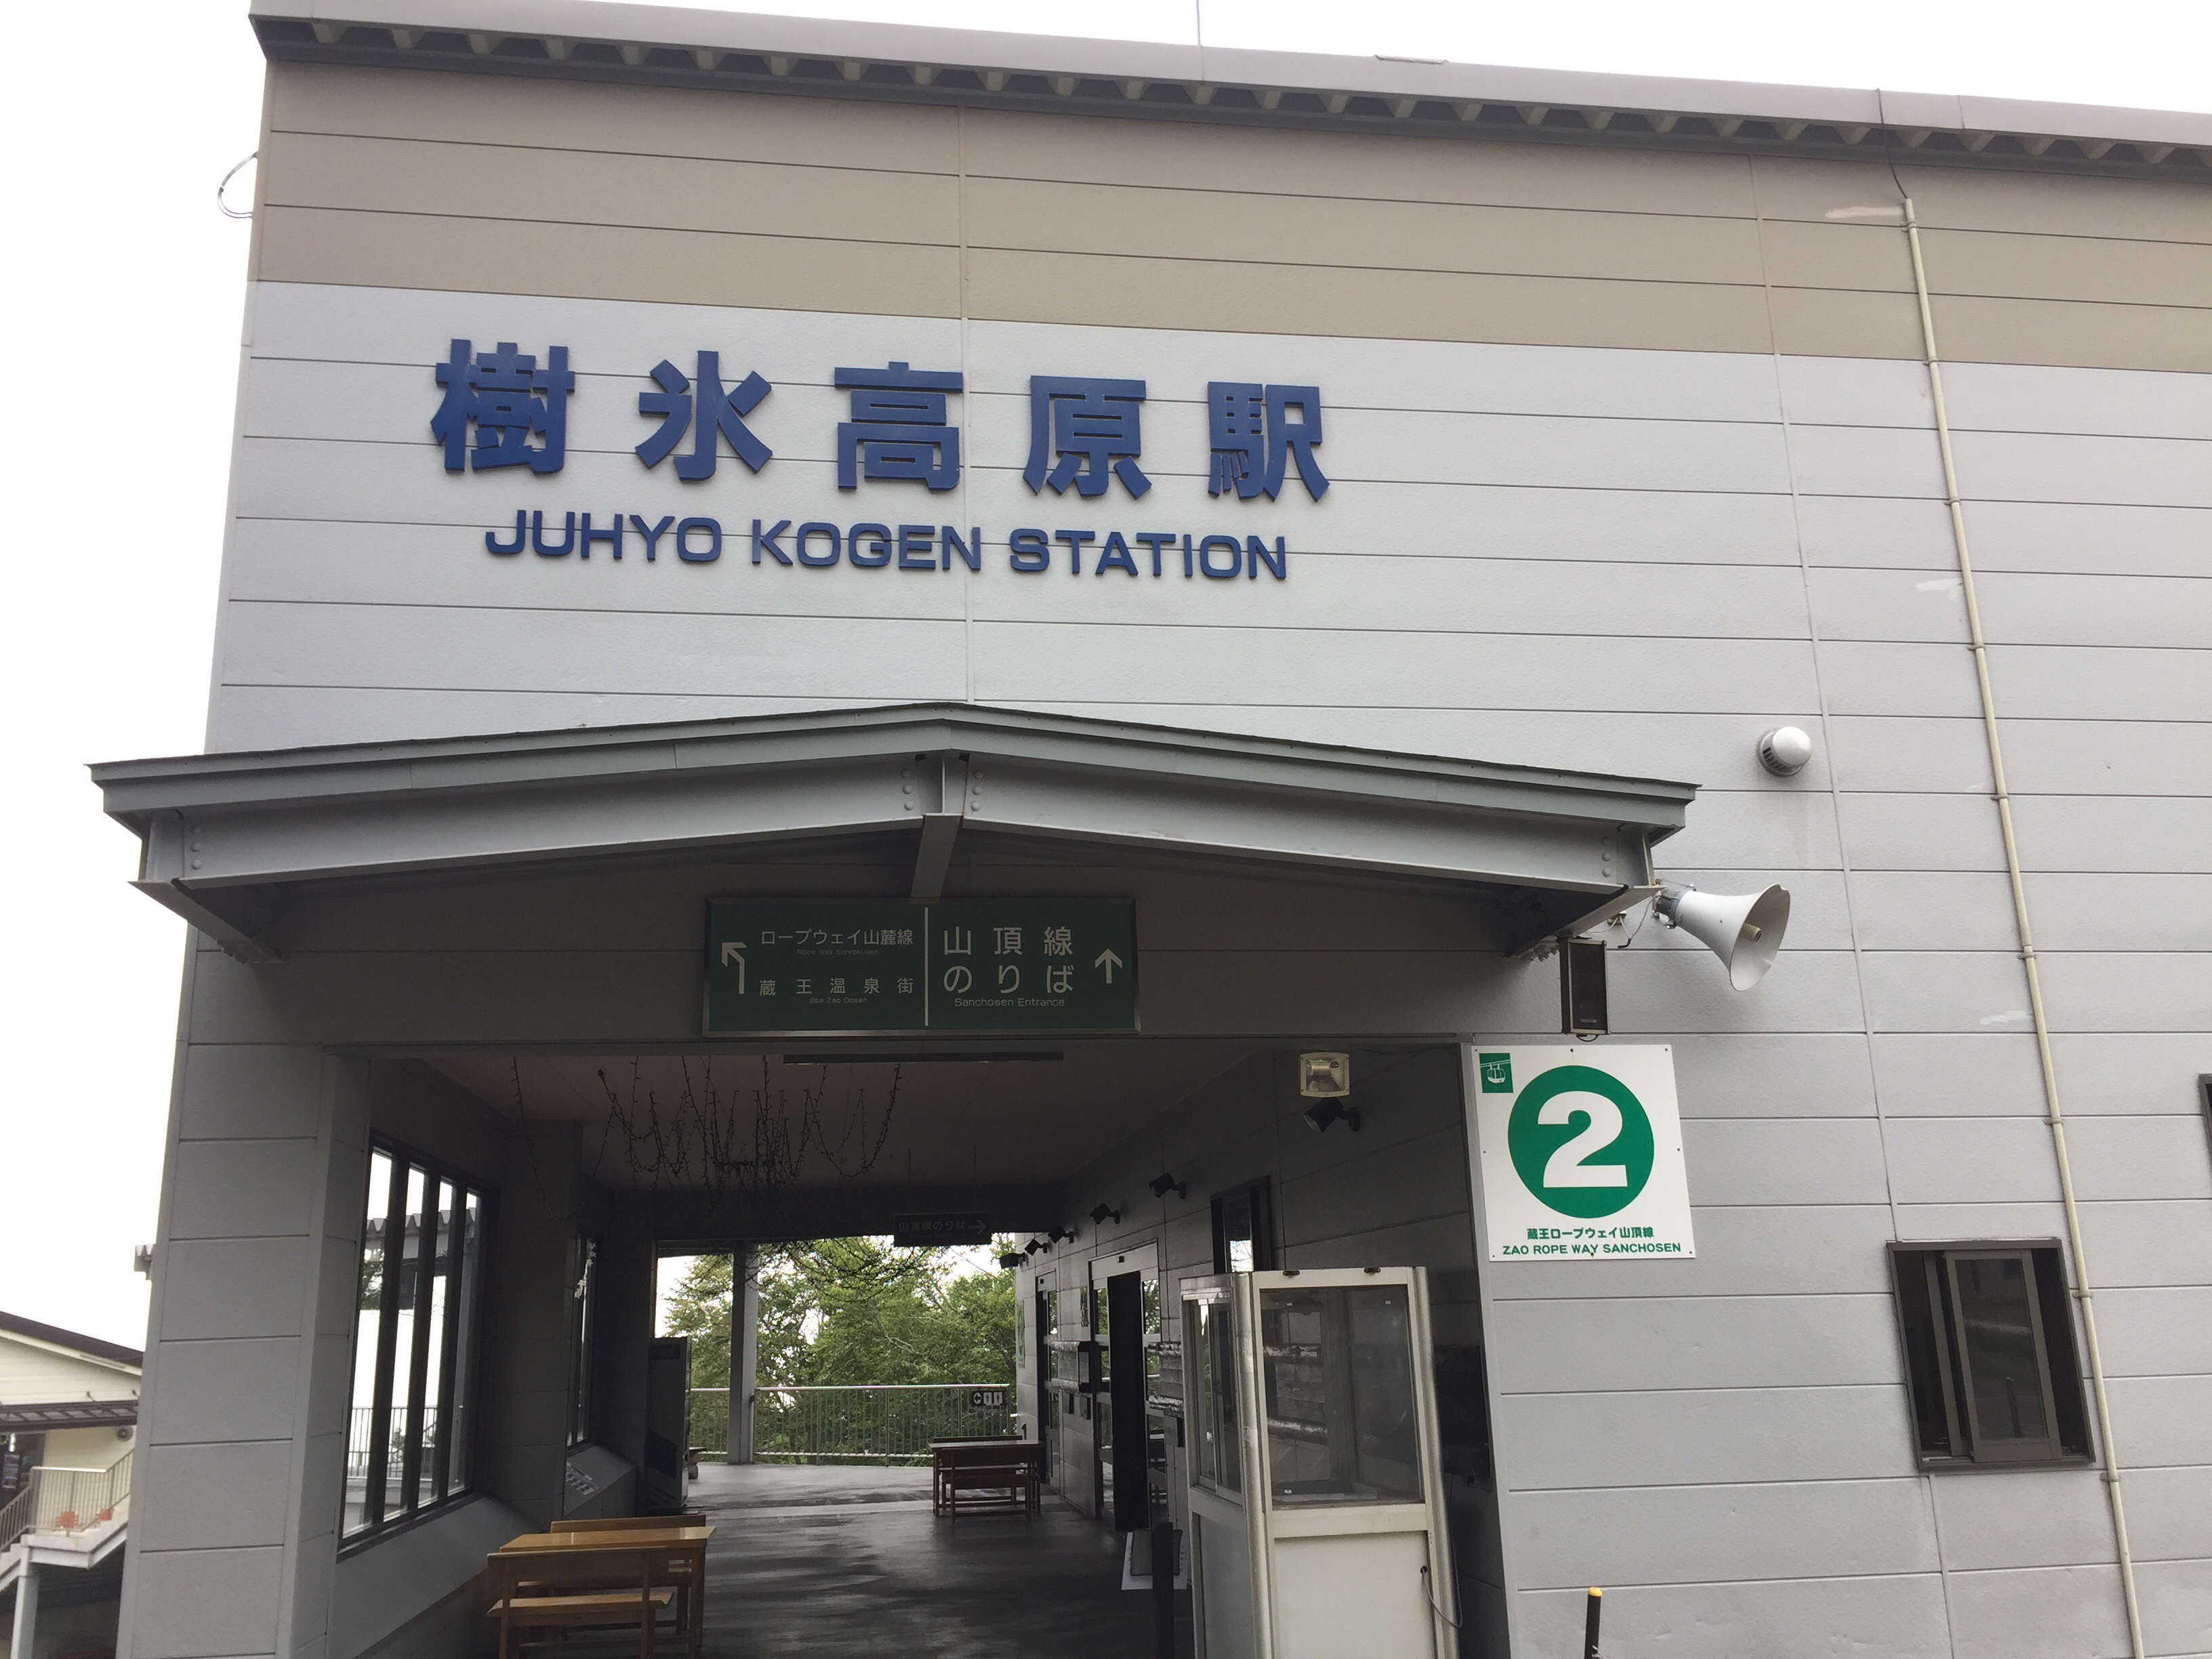 蔵王ロープウェイ 樹氷高原駅